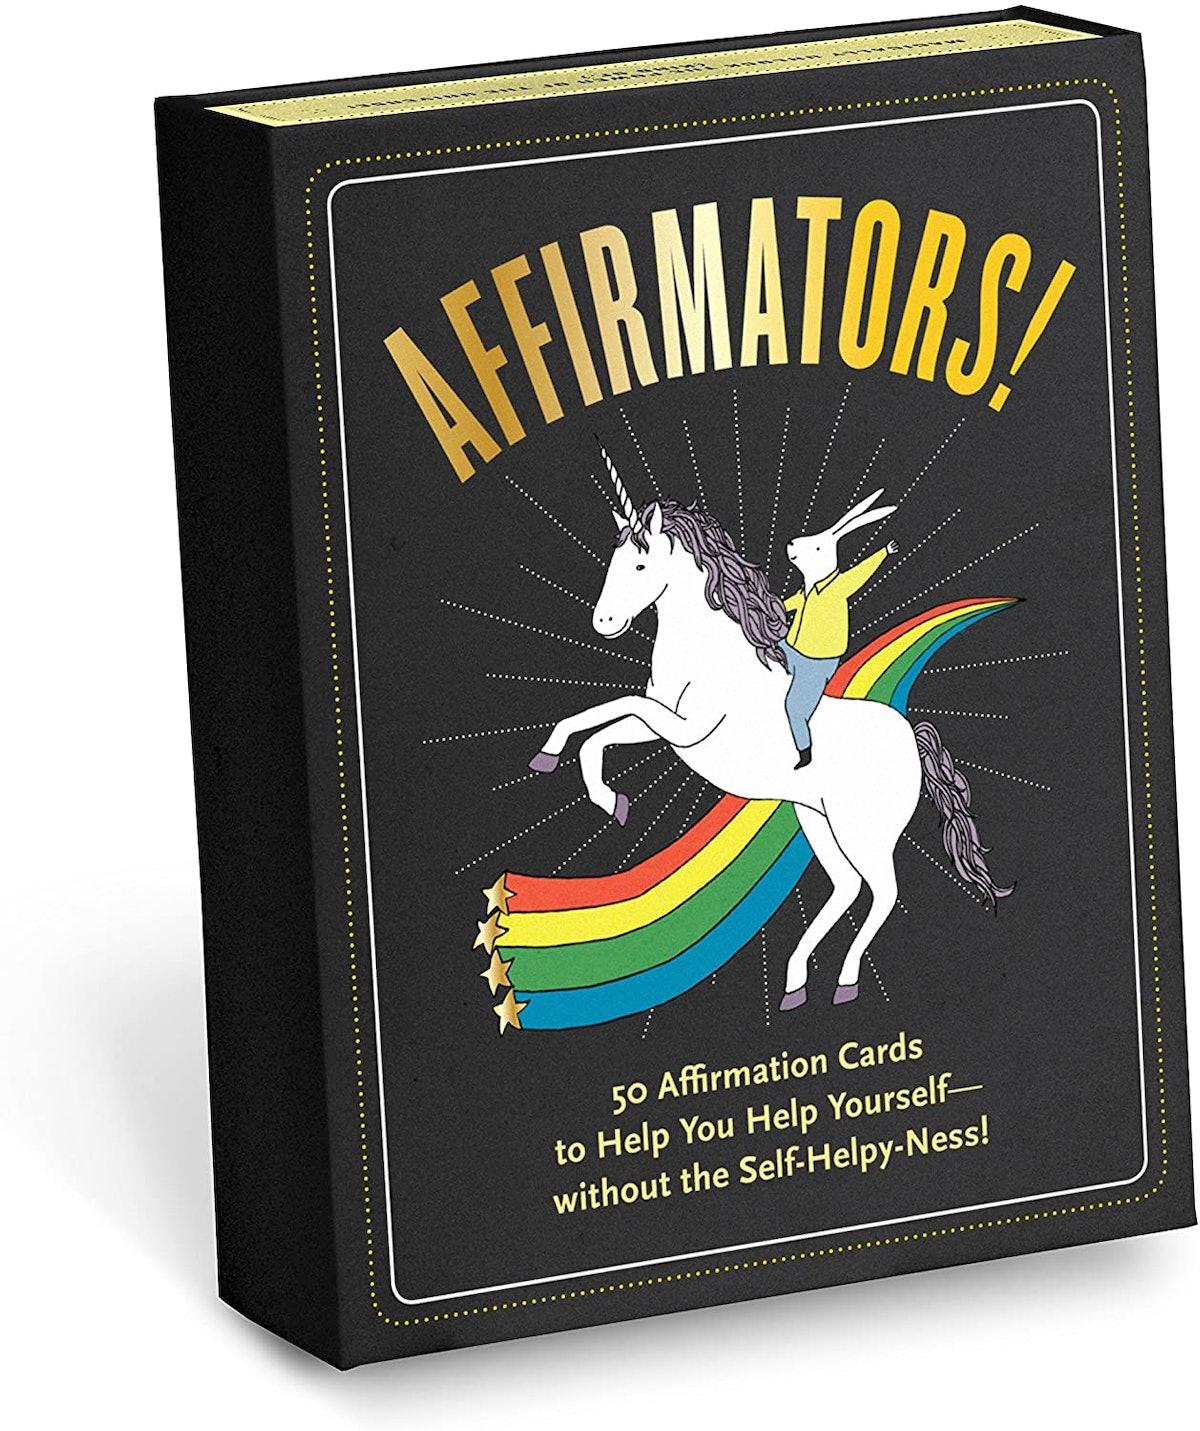 Affirmators! 50 Affirmation Cards Set